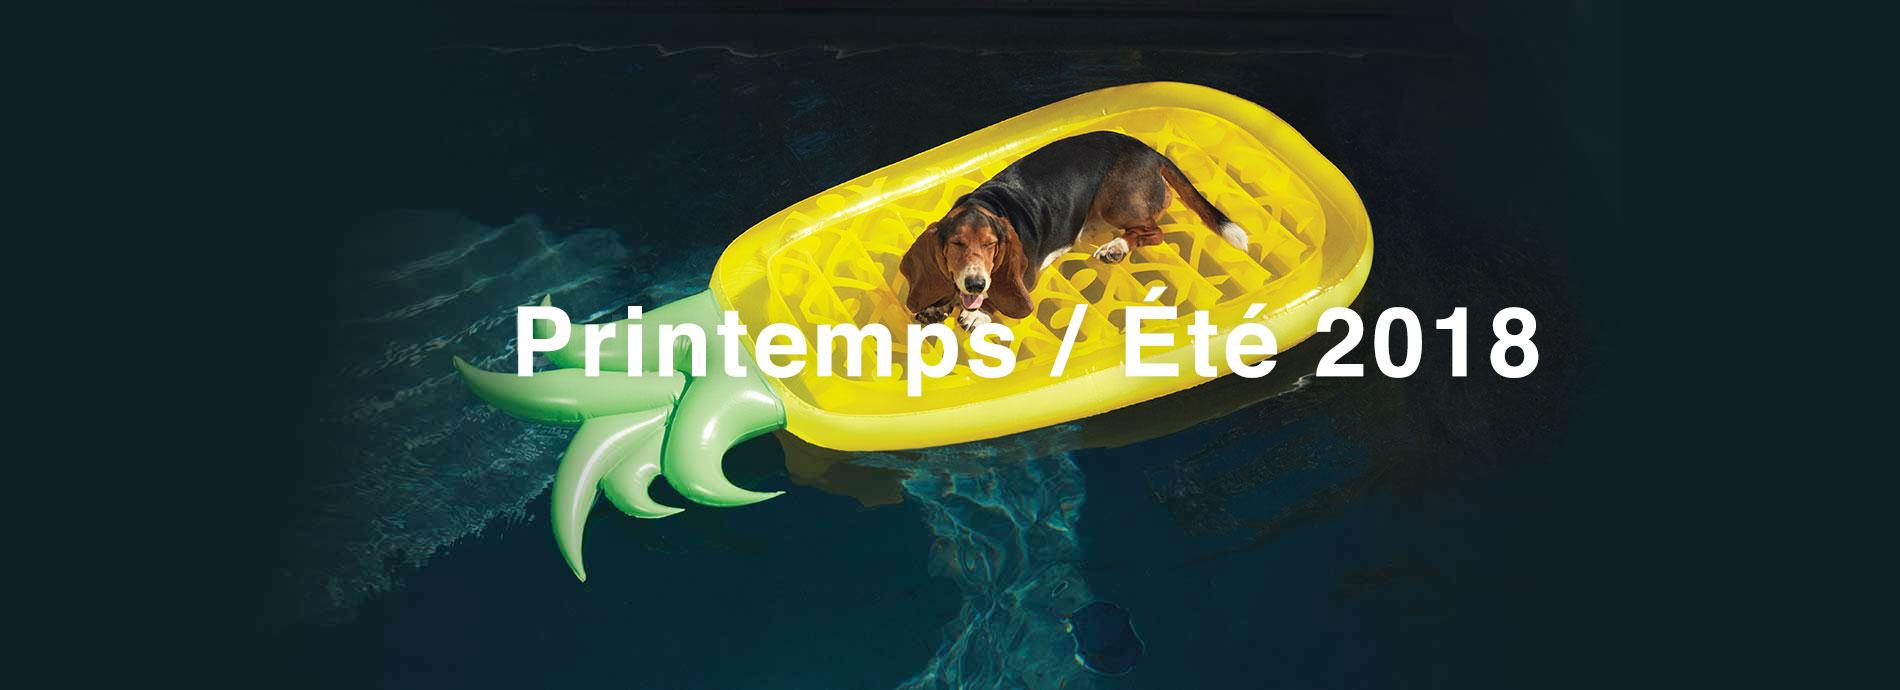 Printemps / Été 2018